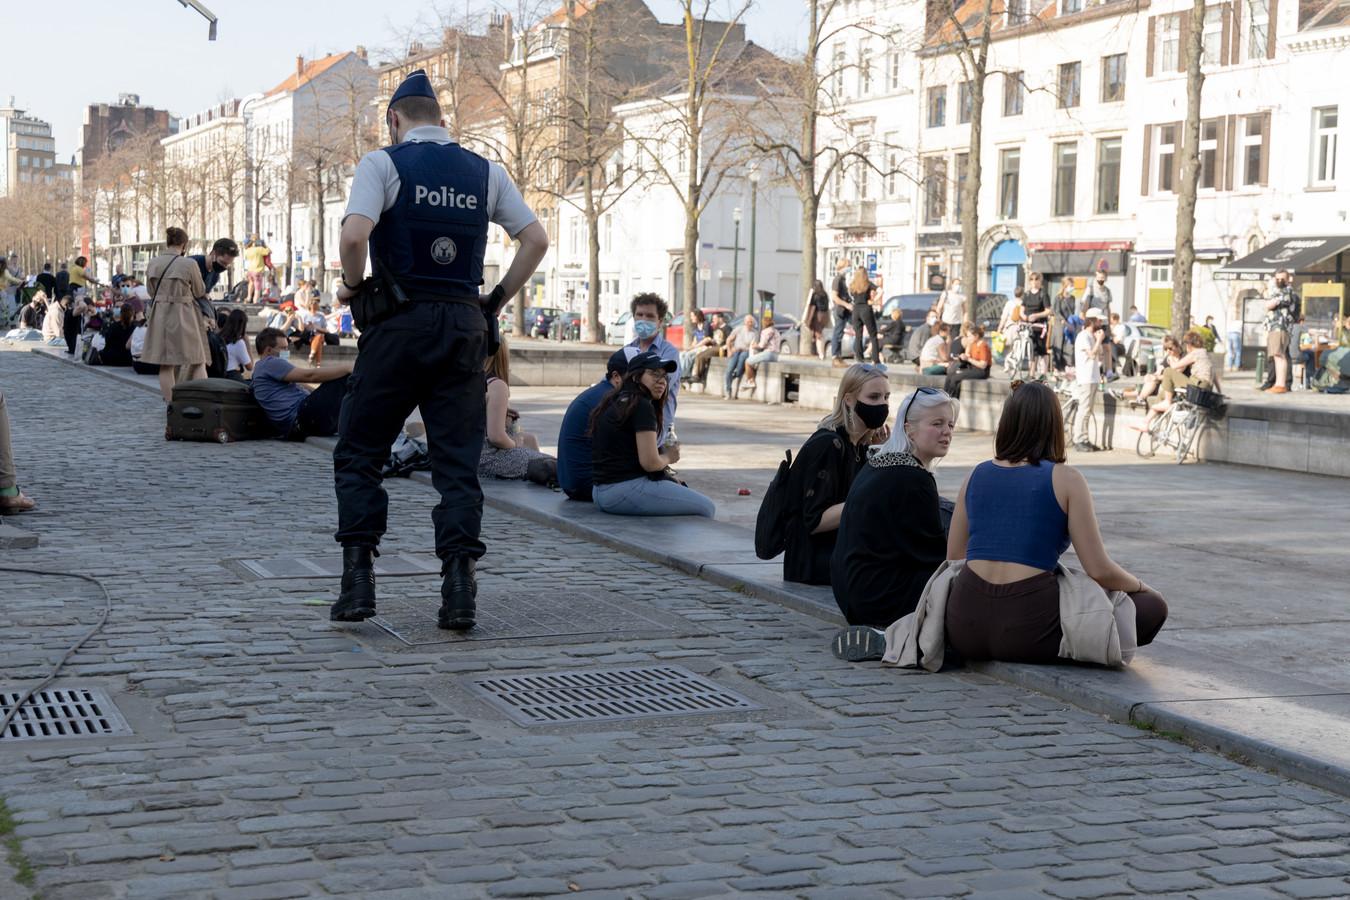 Un policier veille au respect des mesures sanitaires dans le centre de Bruxelles.